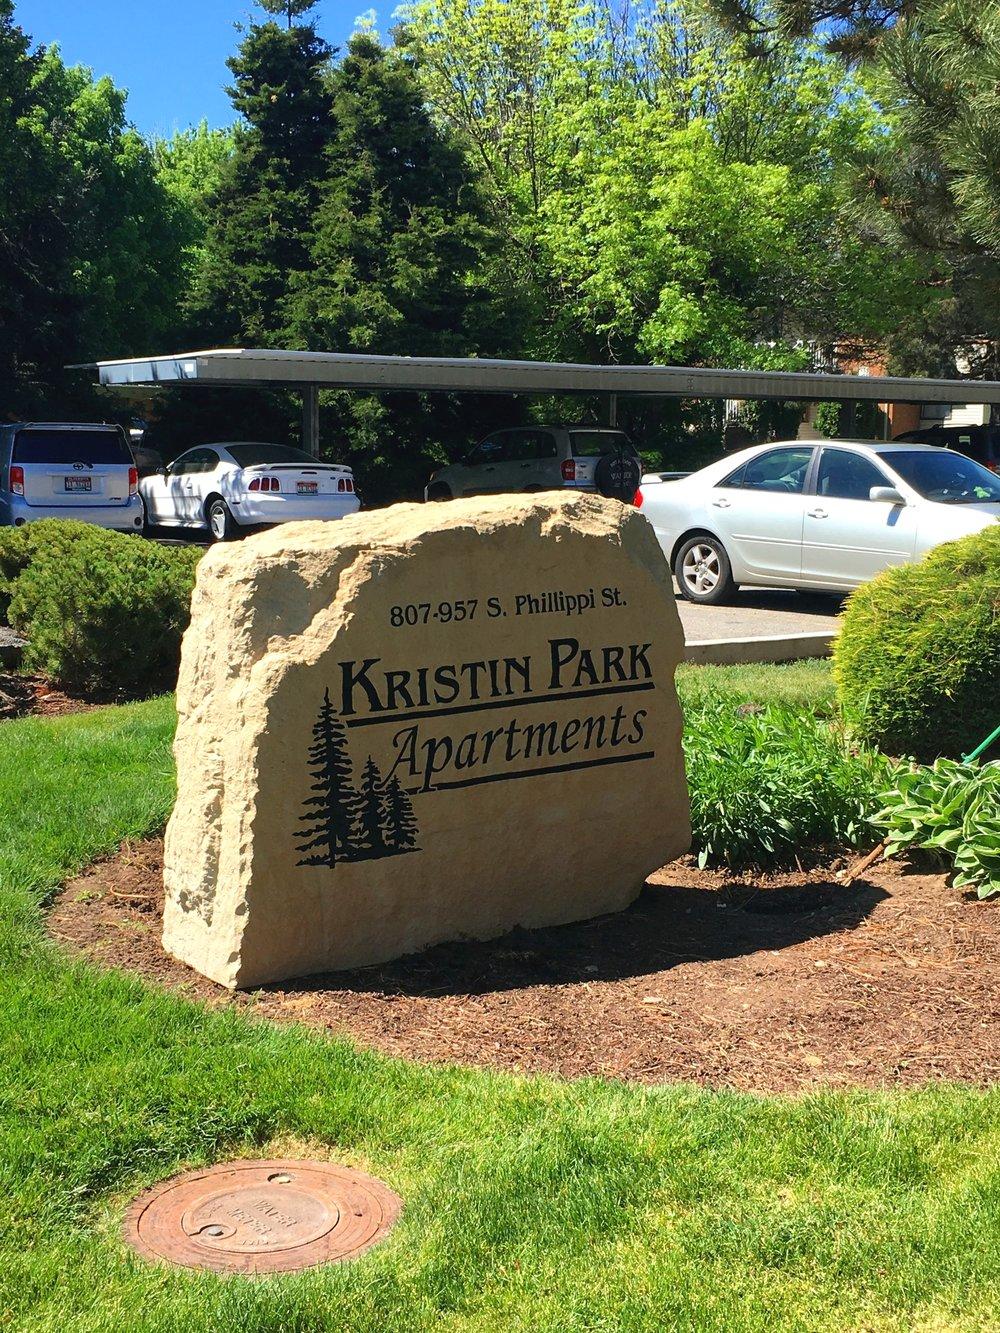 Kristin Park Apartments.JPG